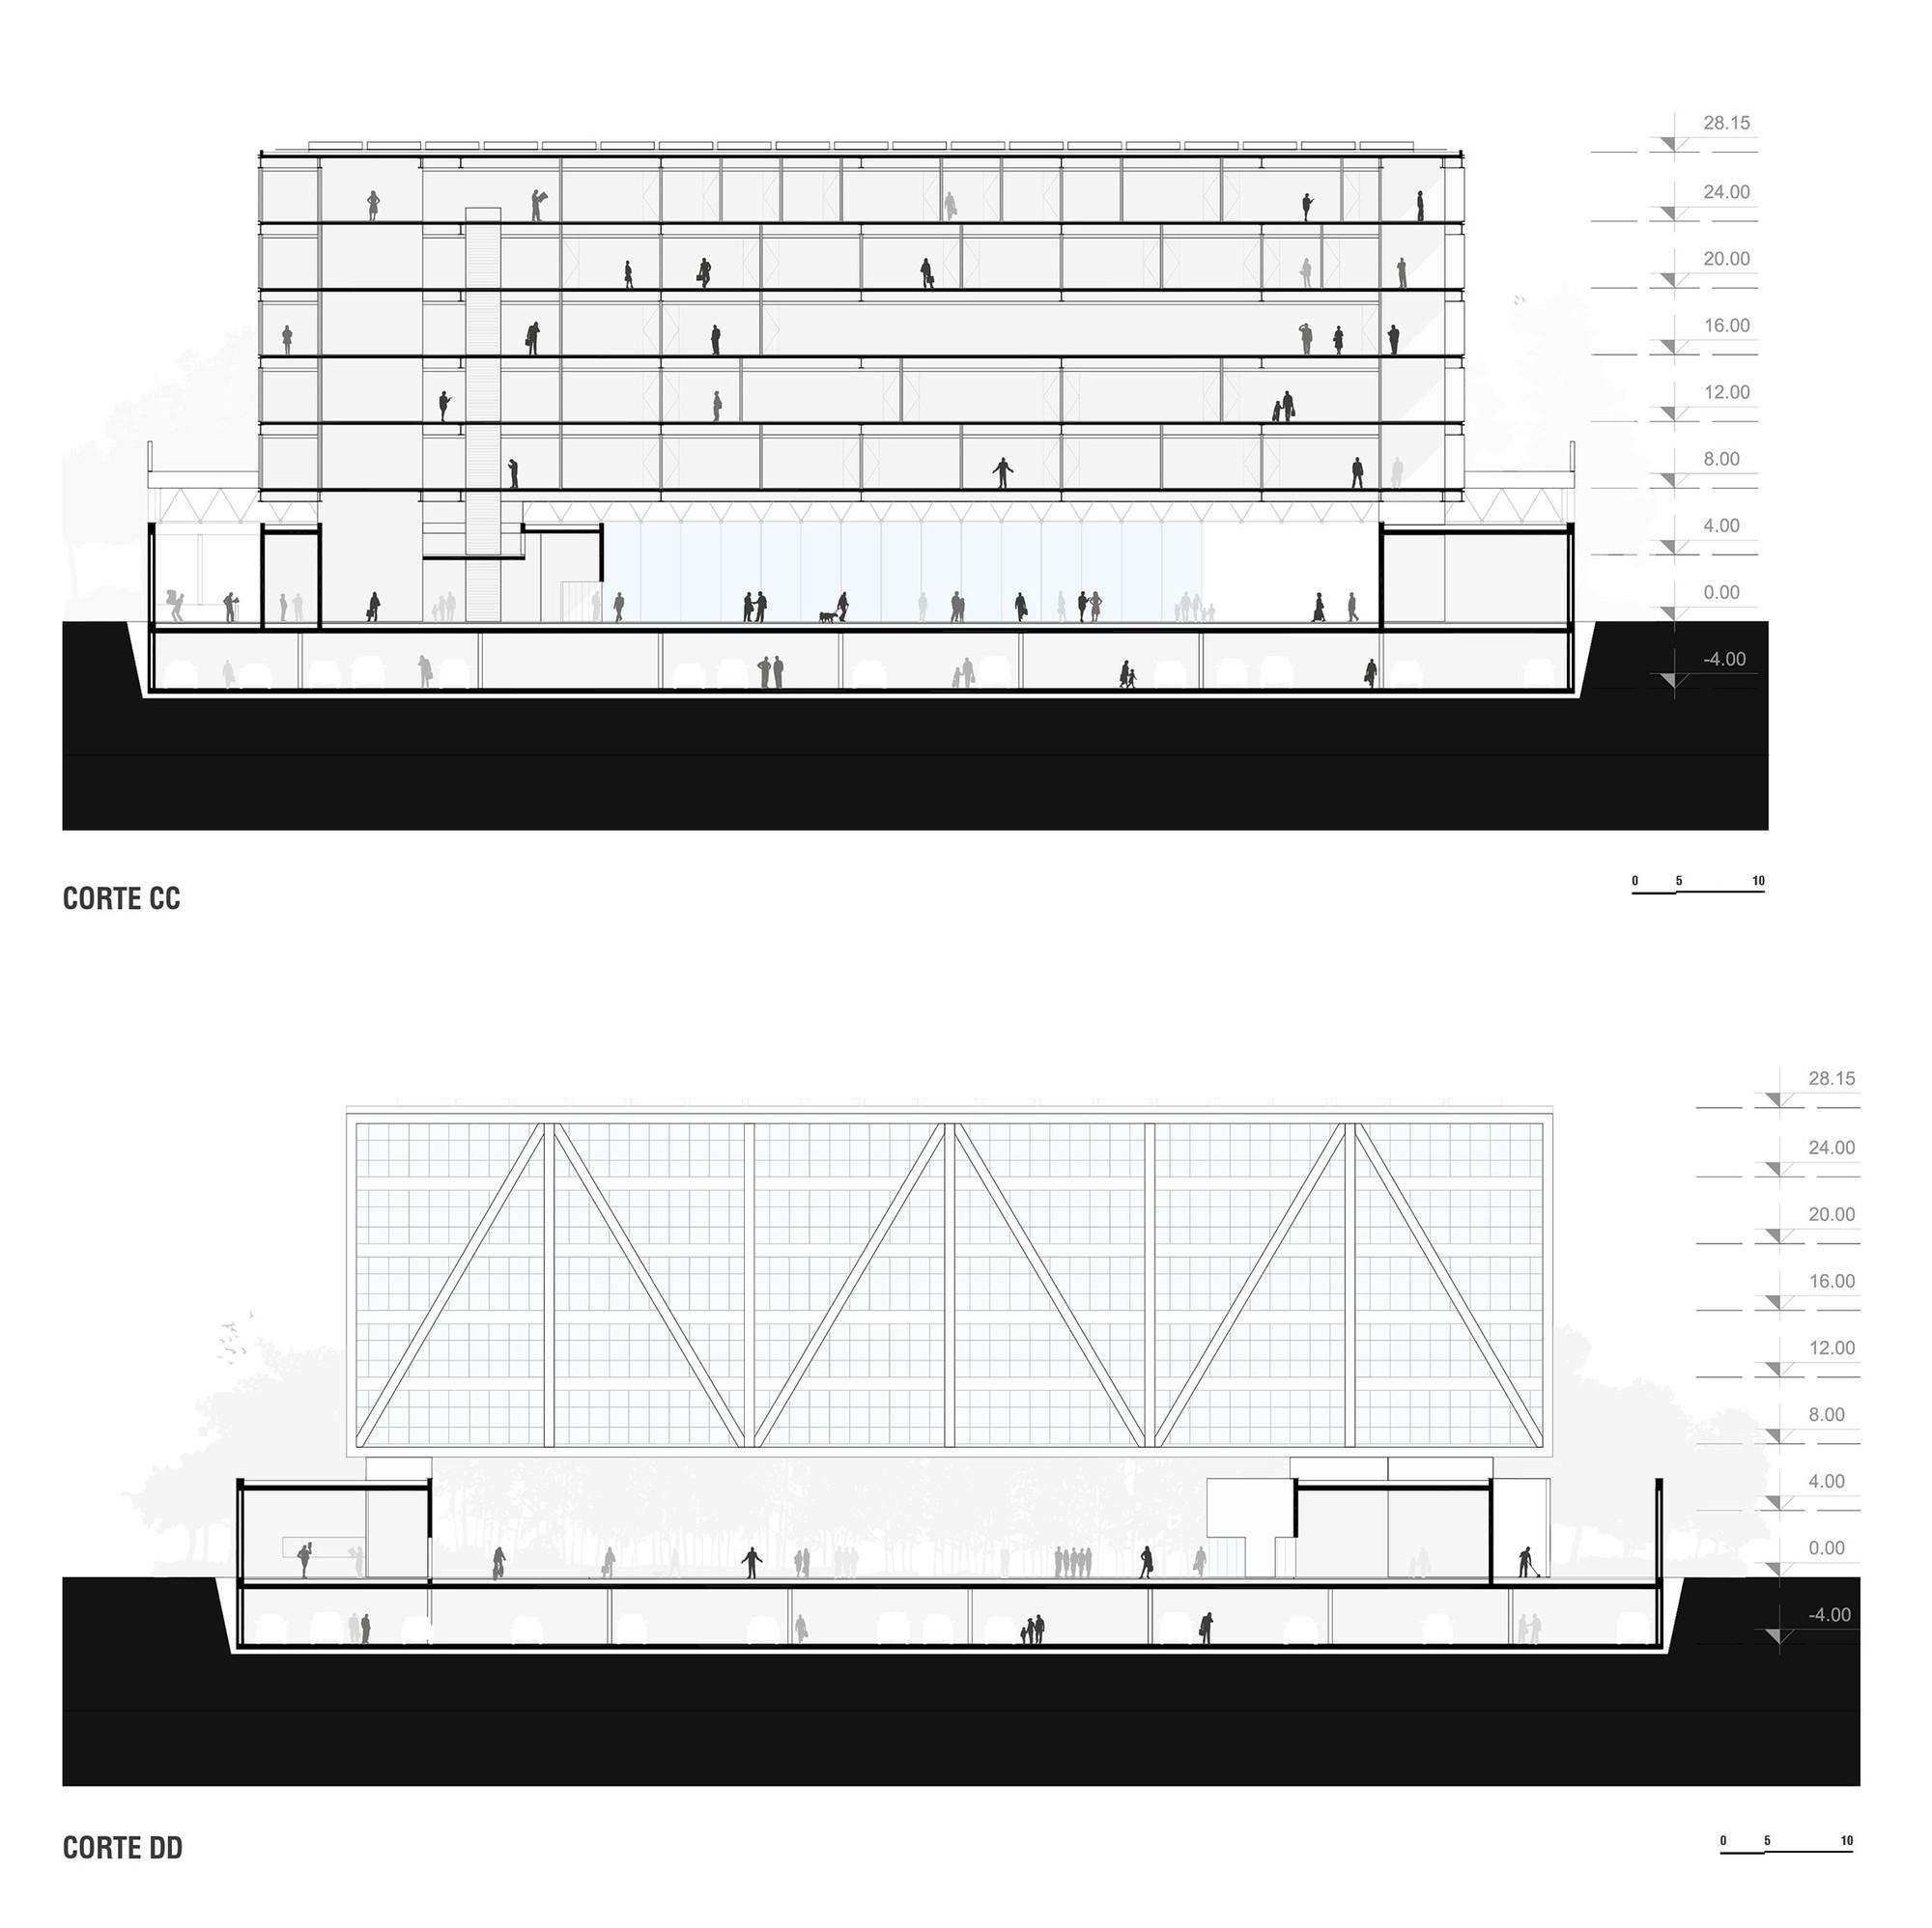 Cortes. Image Cortesia de OSPA Arquitetura e Urbanismo